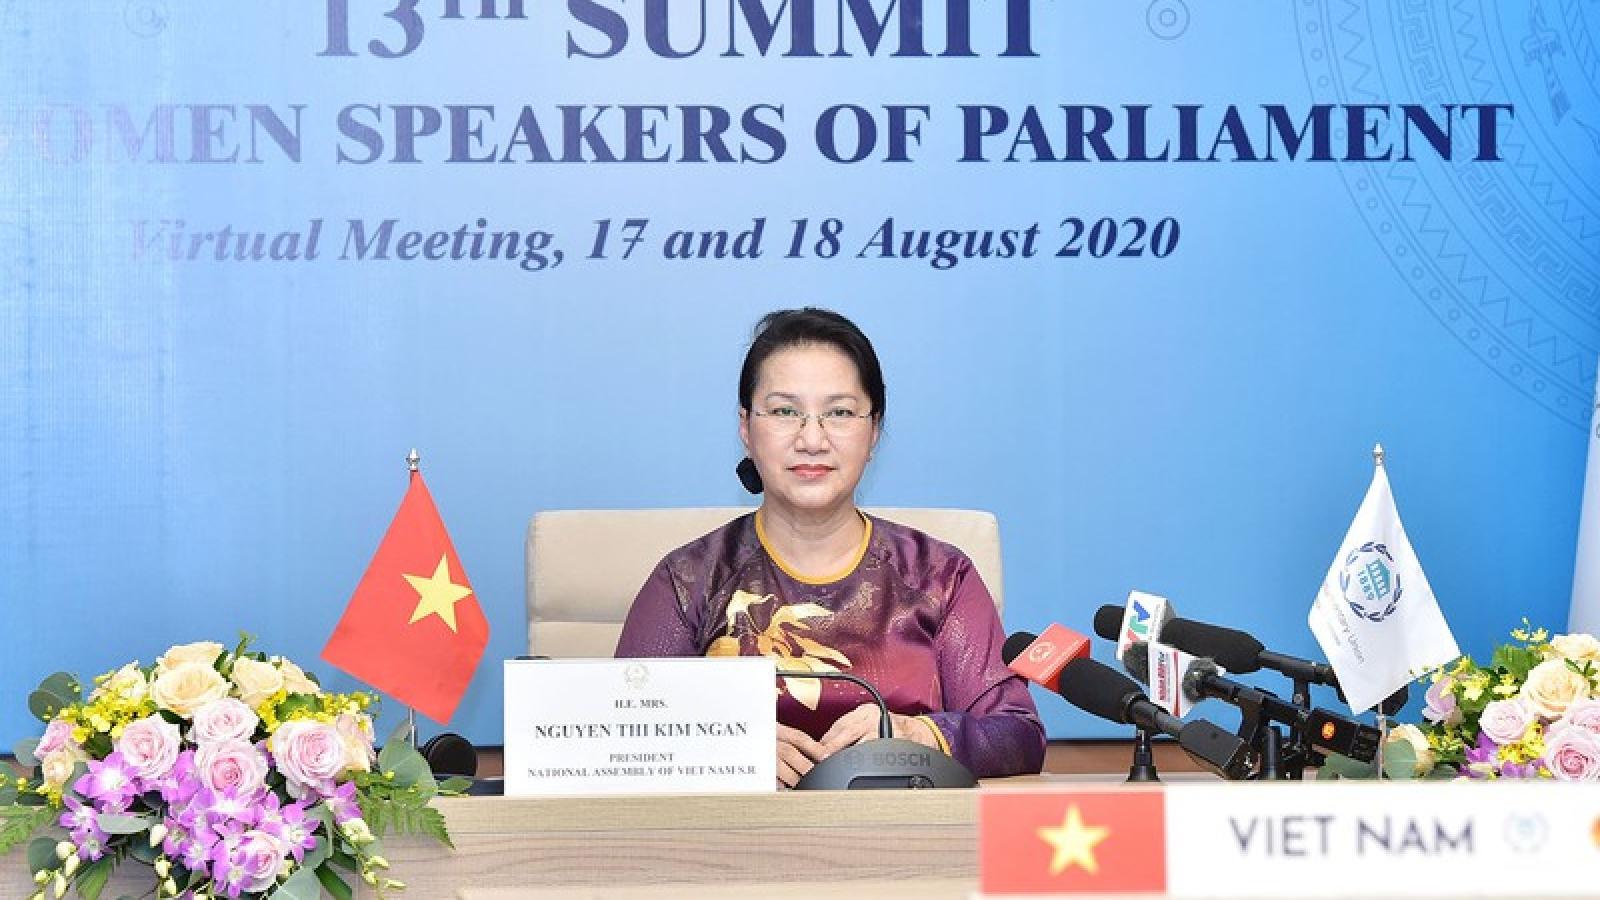 Chủ tịch Quốc hội dự HN thượng đỉnh các nữ Chủ tịch Quốc hội thế giới lần thứ 13